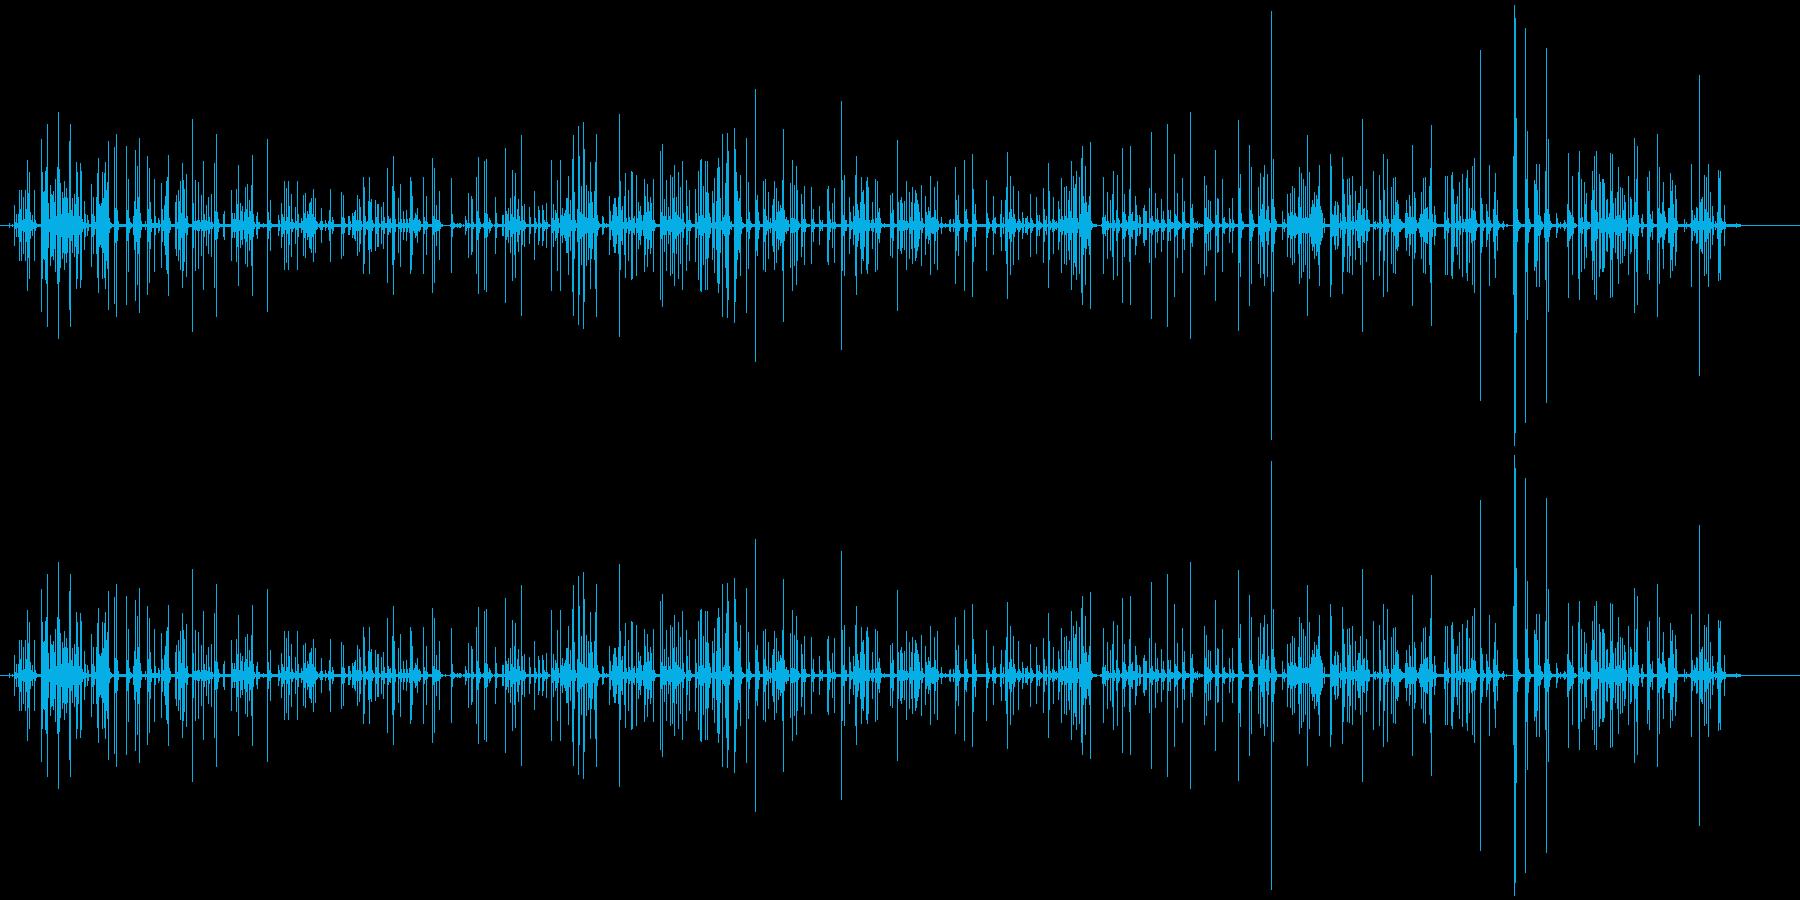 パソコンのキーボード打鍵音(カタカタ)の再生済みの波形